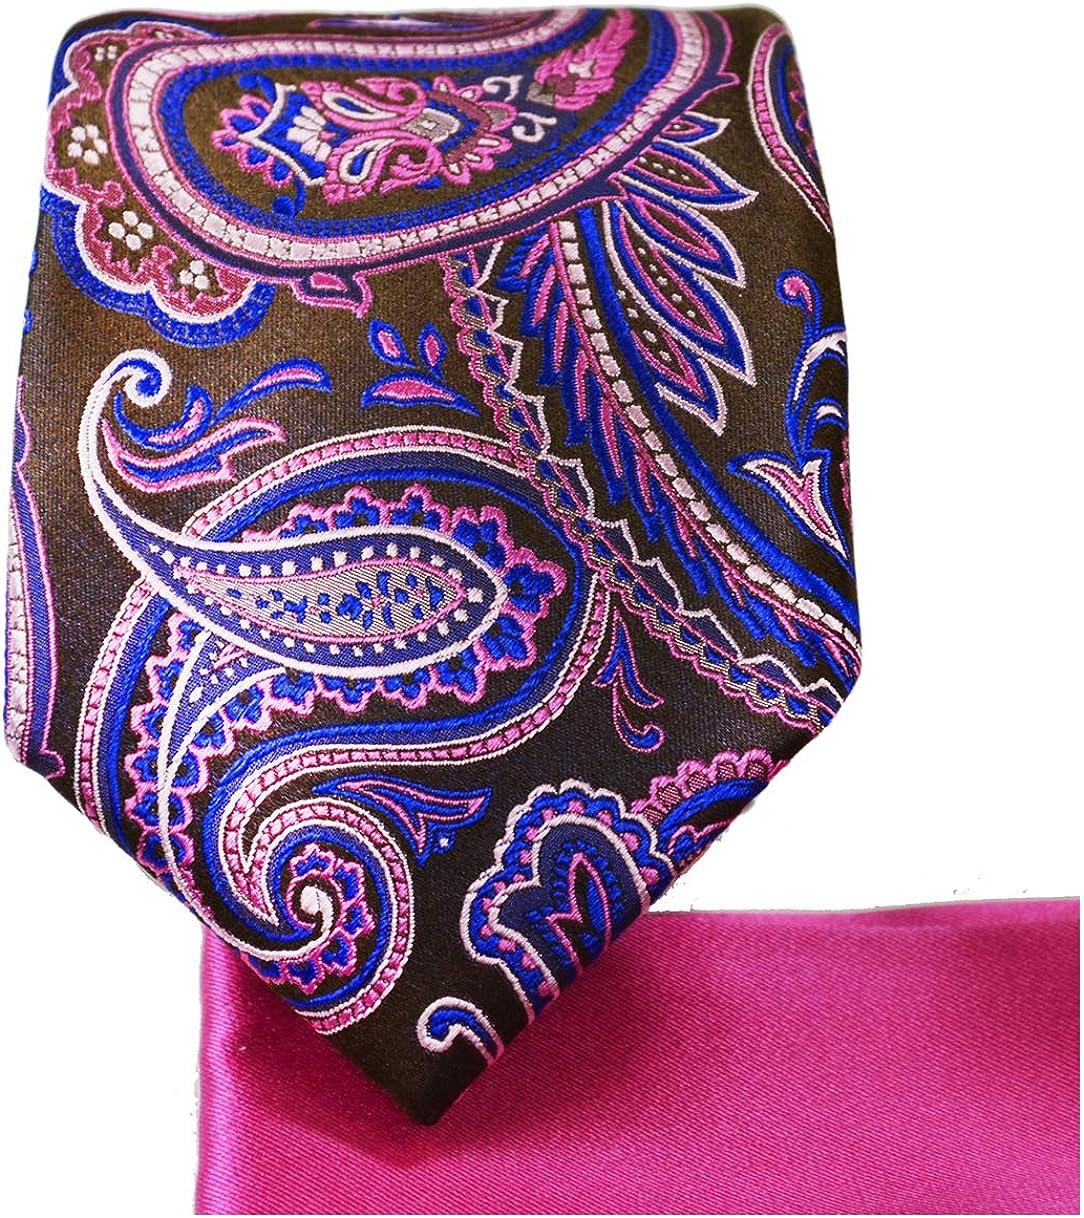 Handkerchief Hanky Hankie Tie Ties Necktie Suit Formal Wedding Handmade Designer Men/'s Pocket Square Paisley Pink XP888-PS